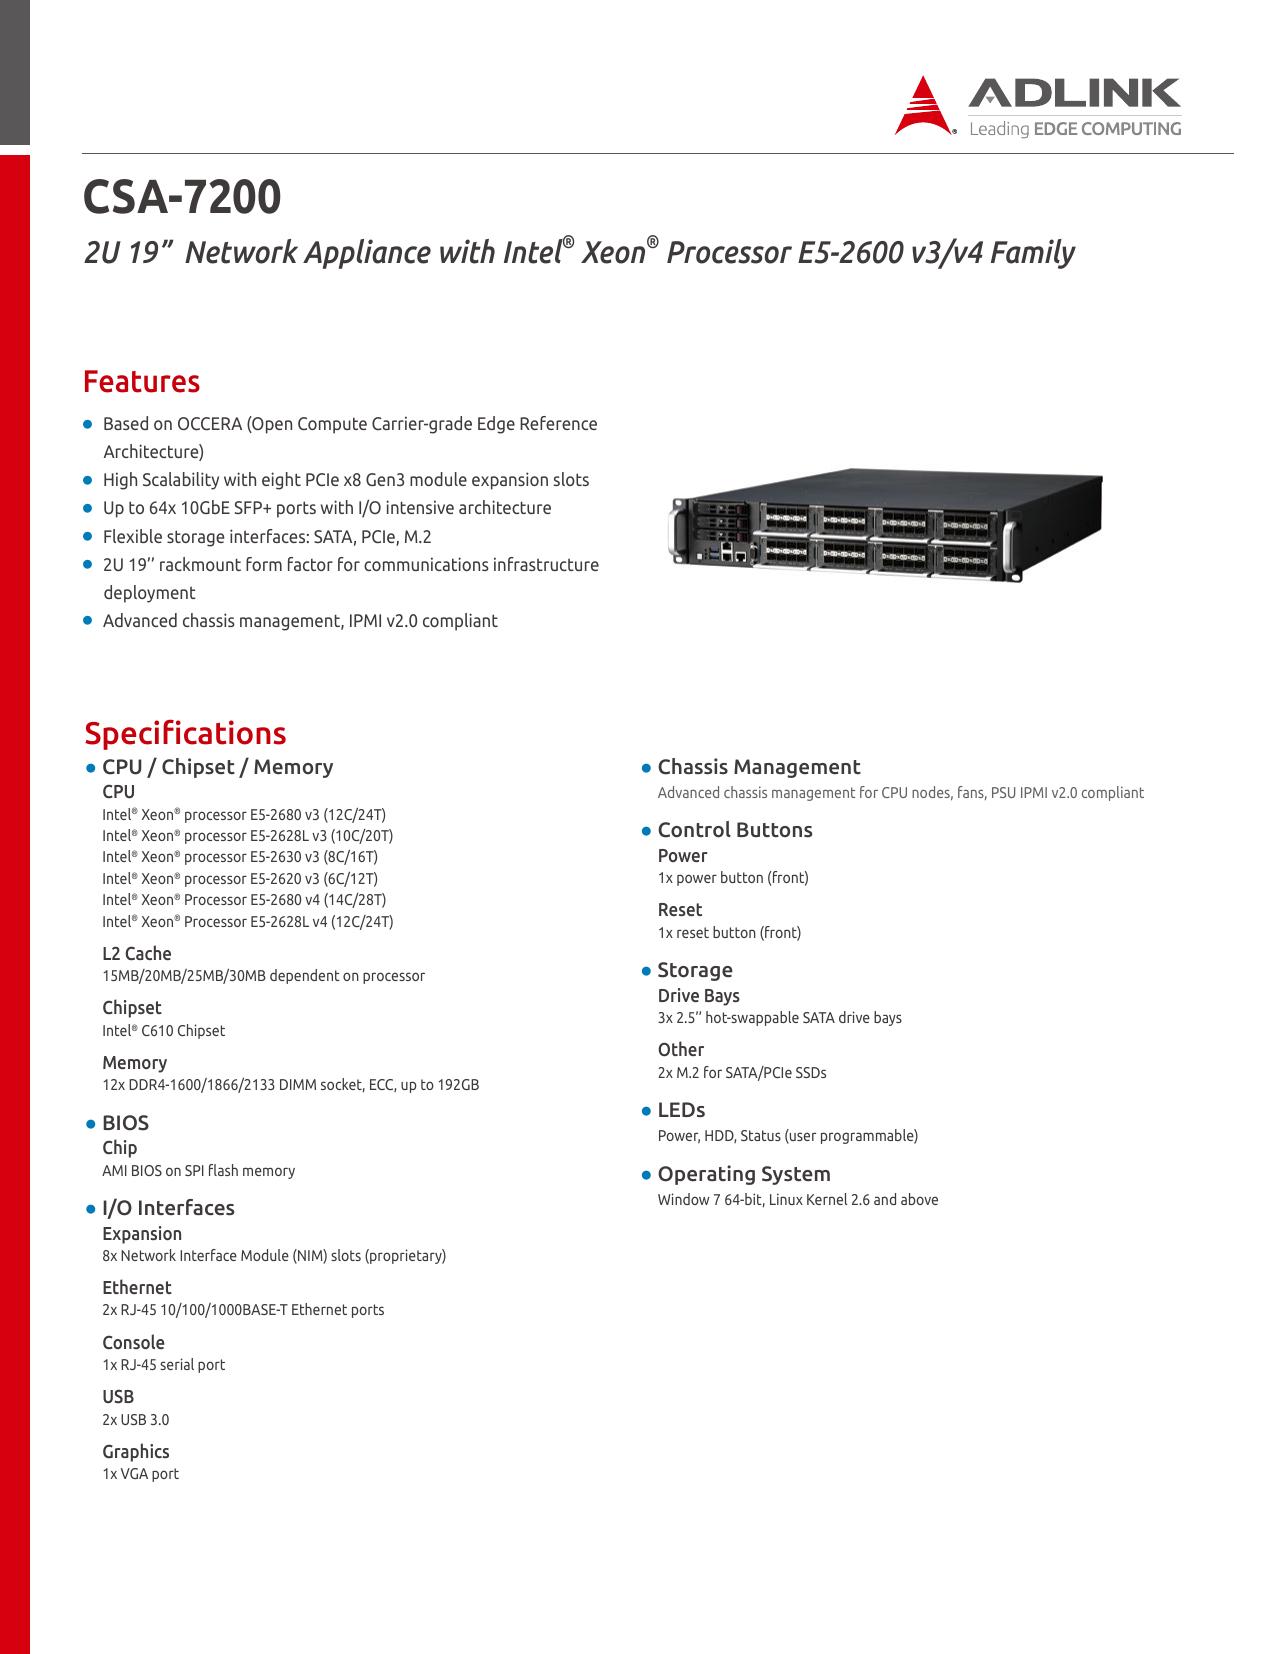 CSA-7200 - ADLINK Technology | manualzz com